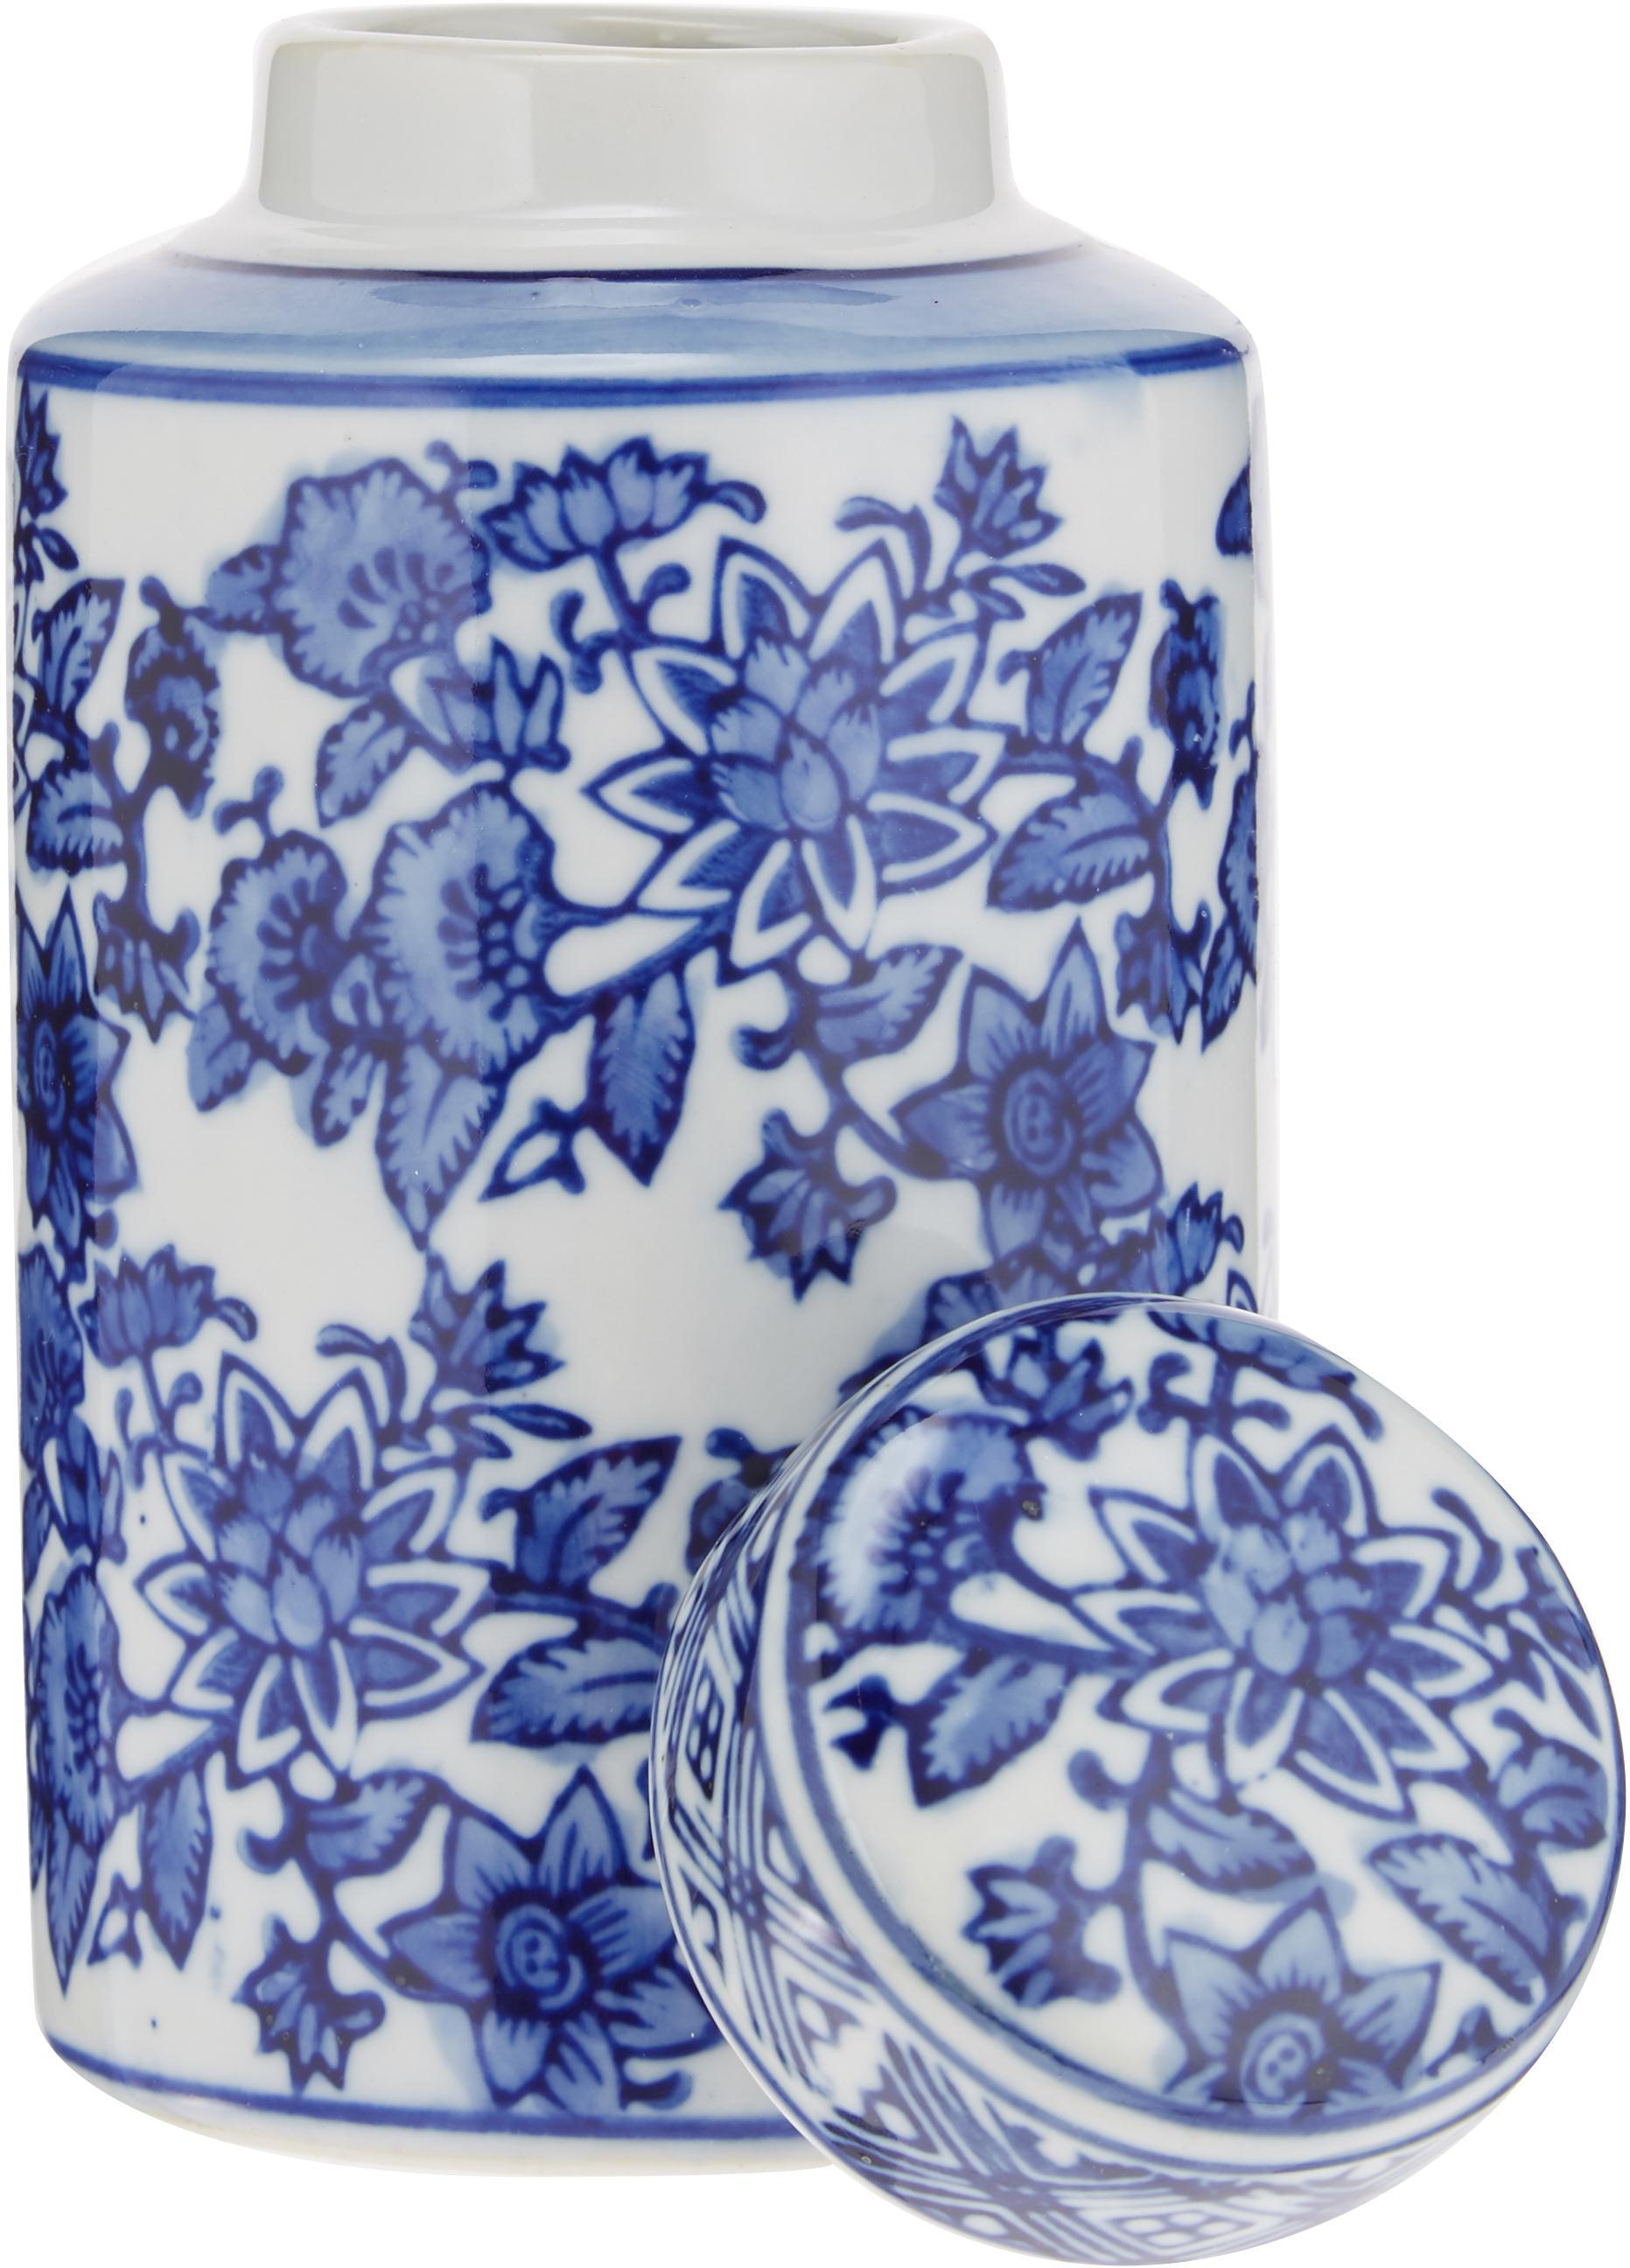 Kleine vaas met deksel Annabelle van porselein, Porselein, Blauw, wit, Ø 8 x H 14 cm